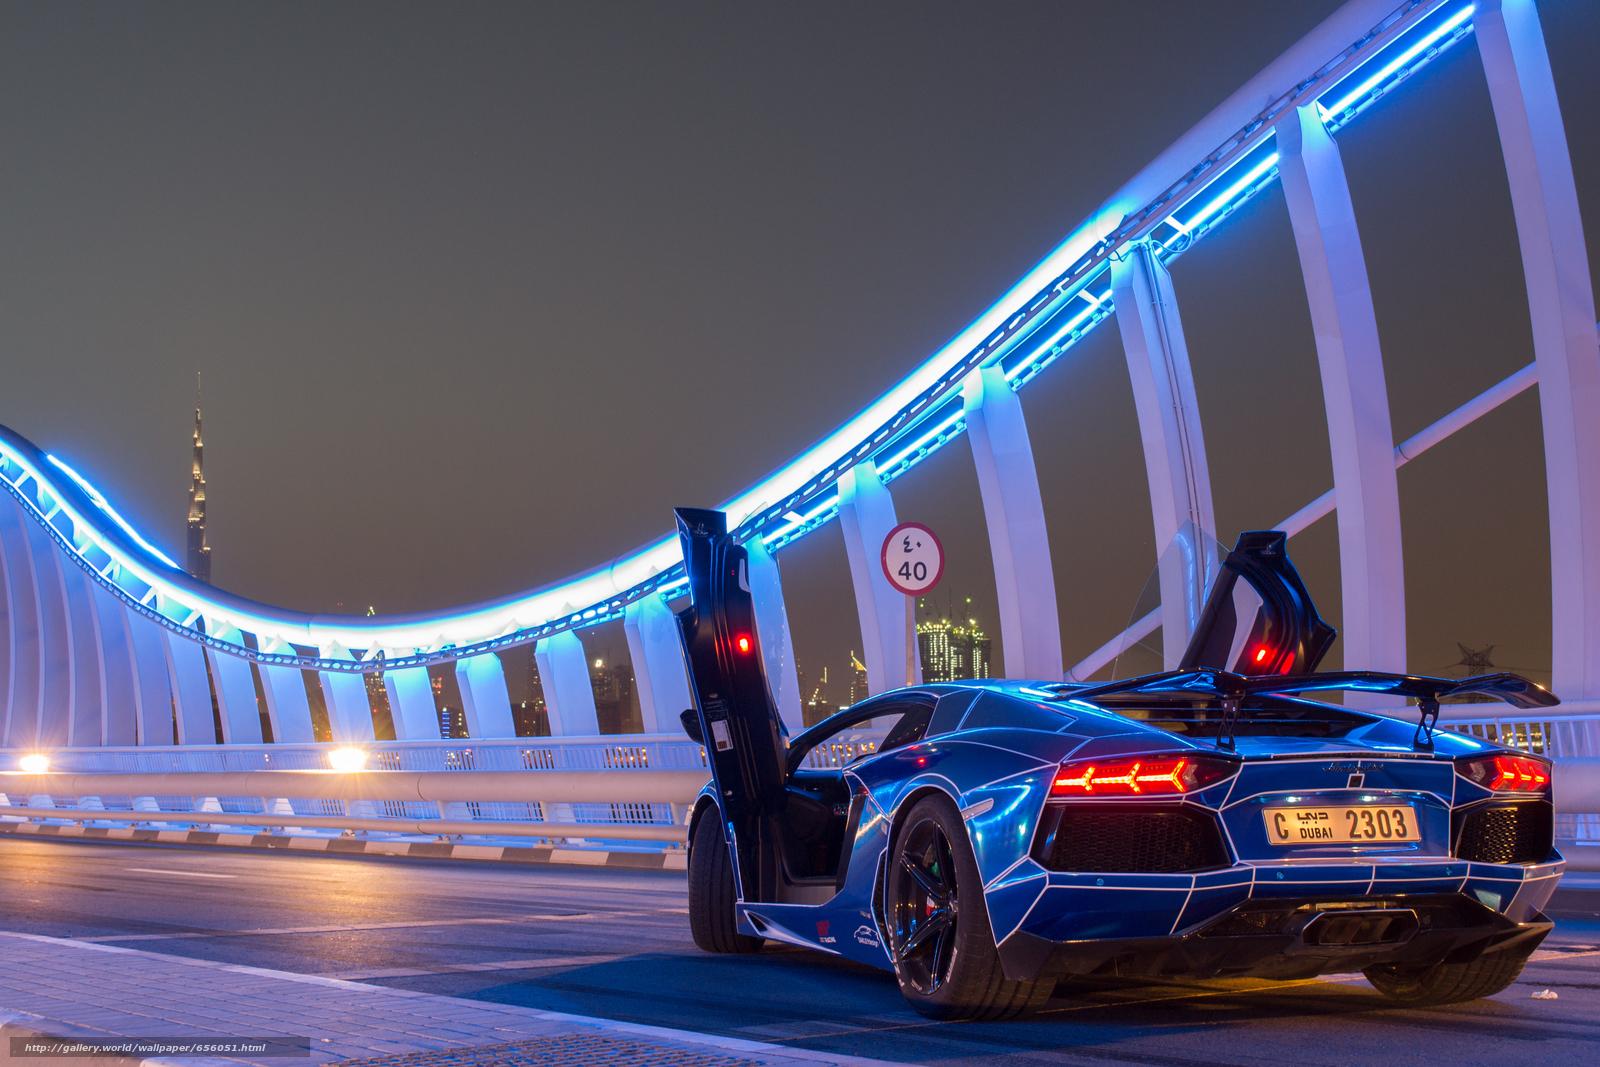 Tlcharger Fond D Ecran Lamborghini Machine Voiture Fonds